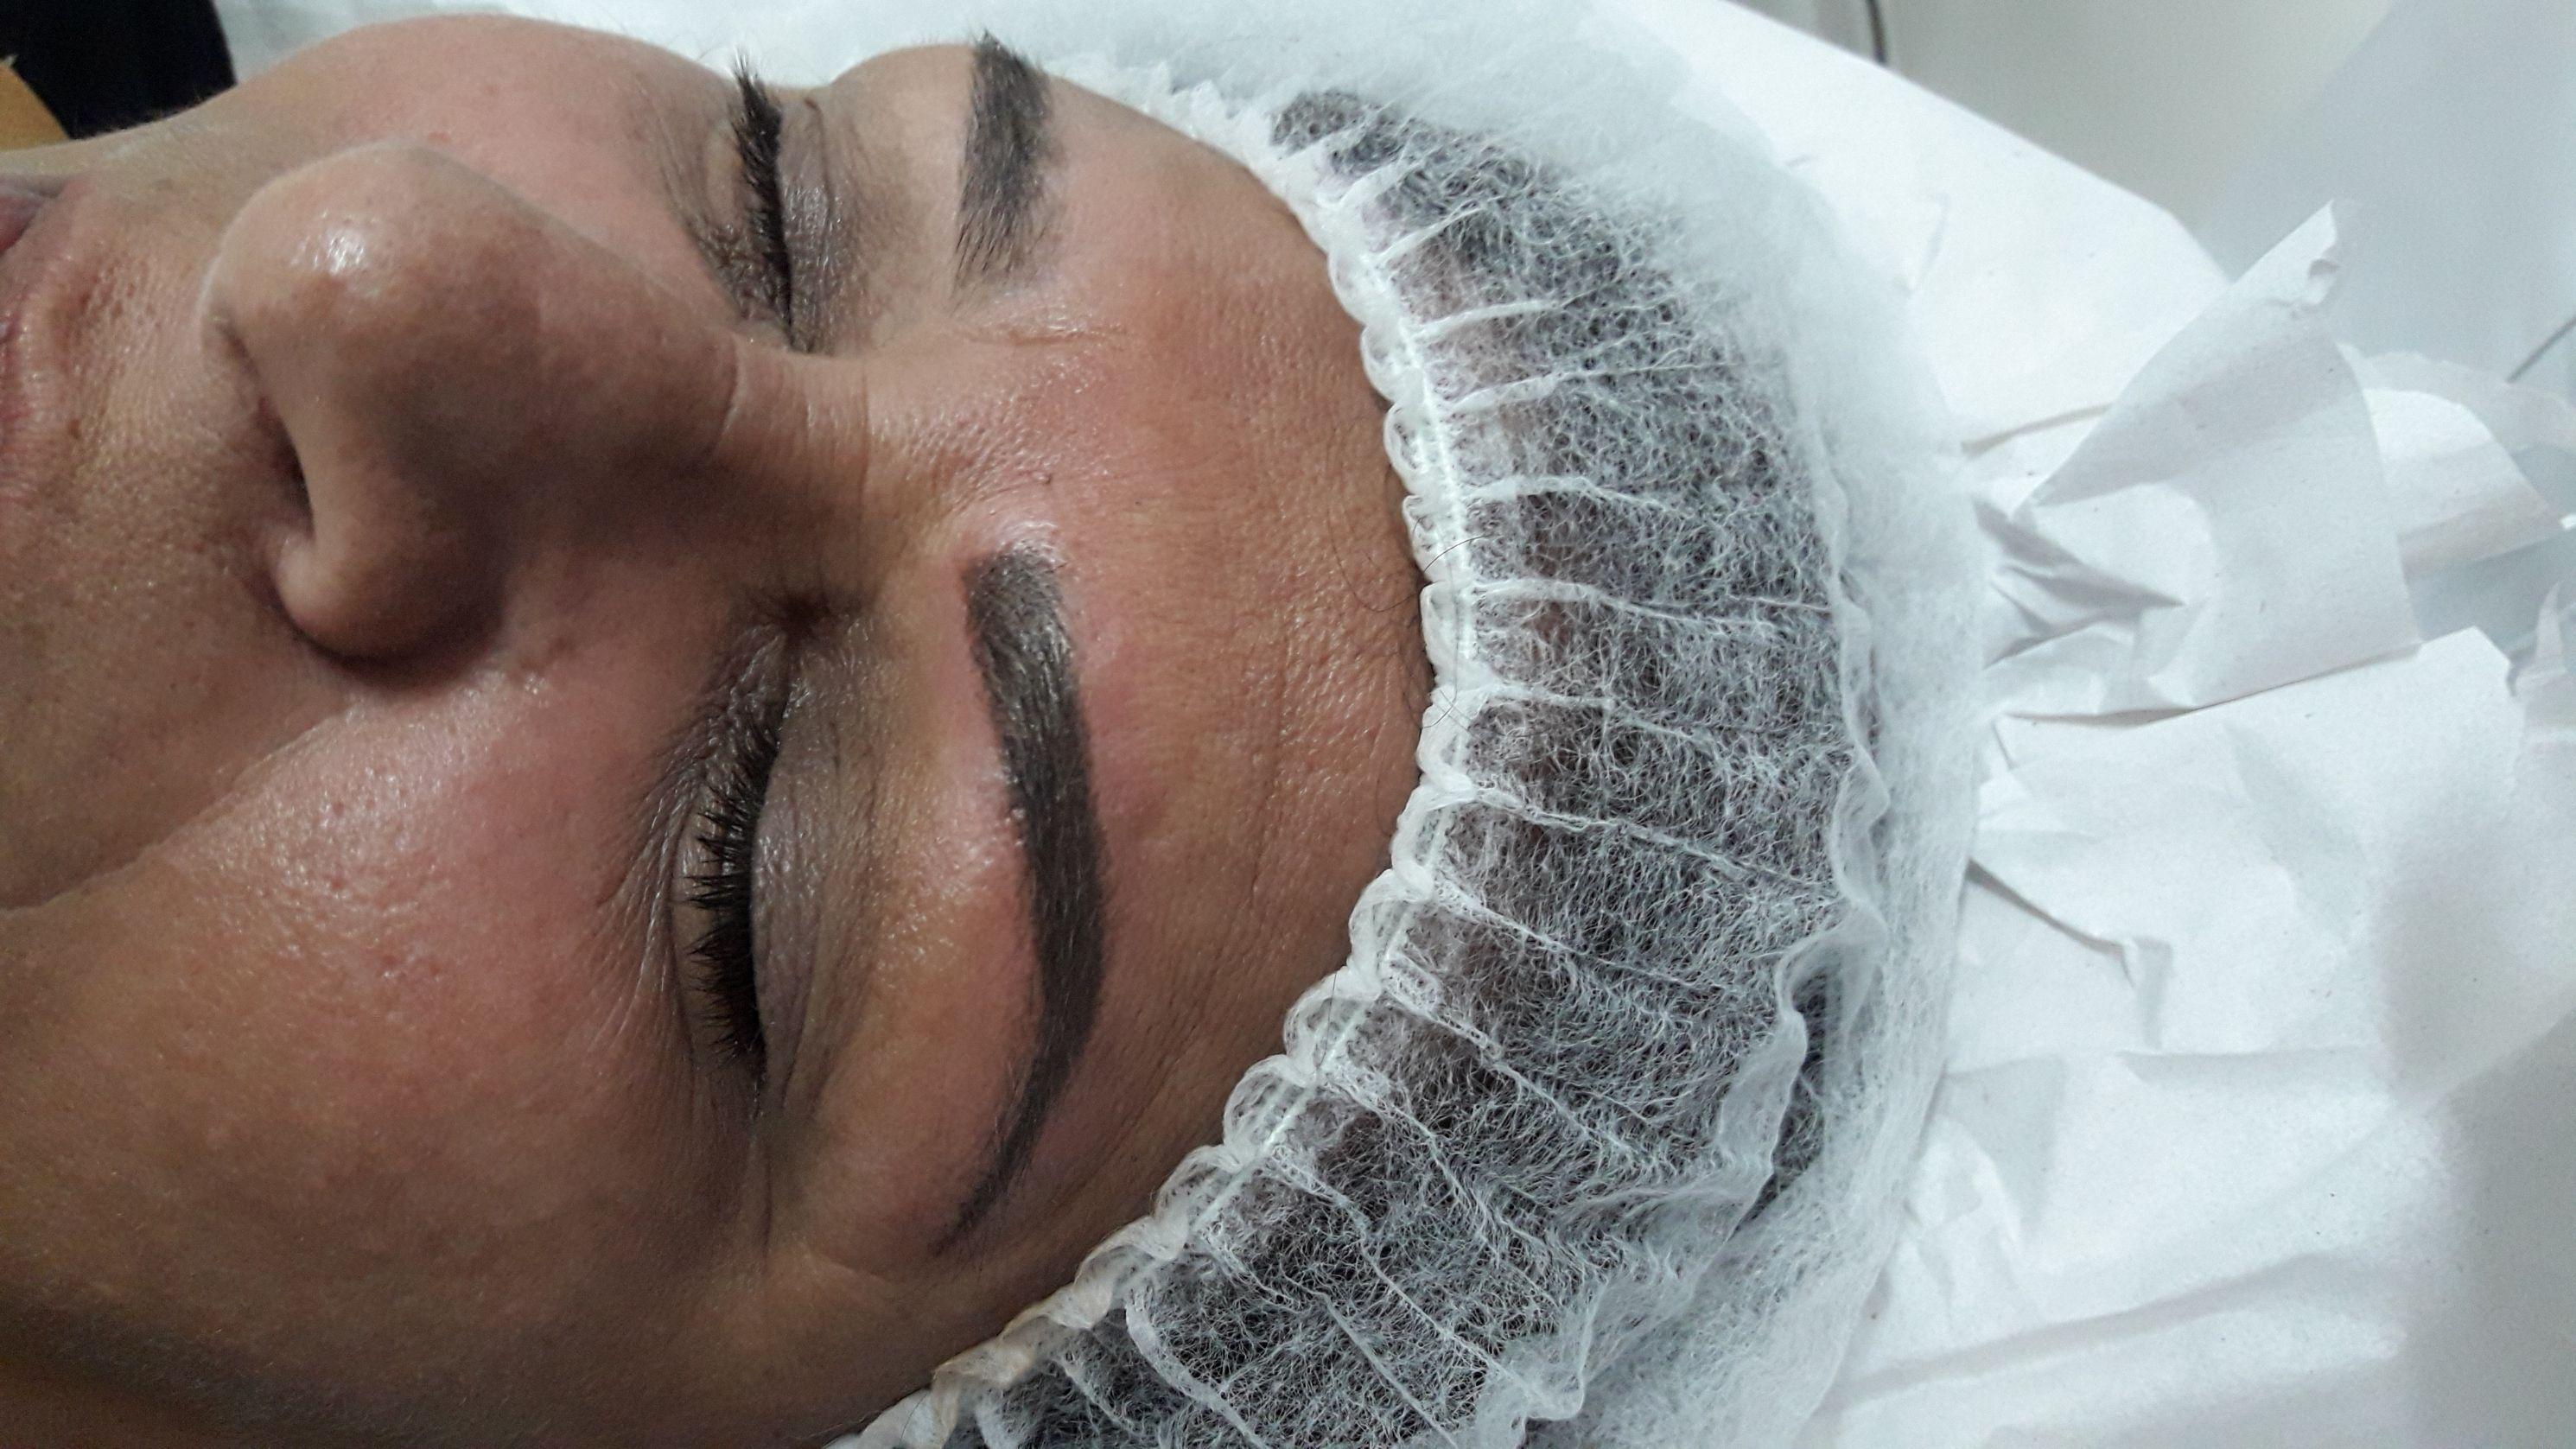 Embelezamento do olhar. Micropigmentação estética micropigmentador(a) designer de sobrancelhas esteticista